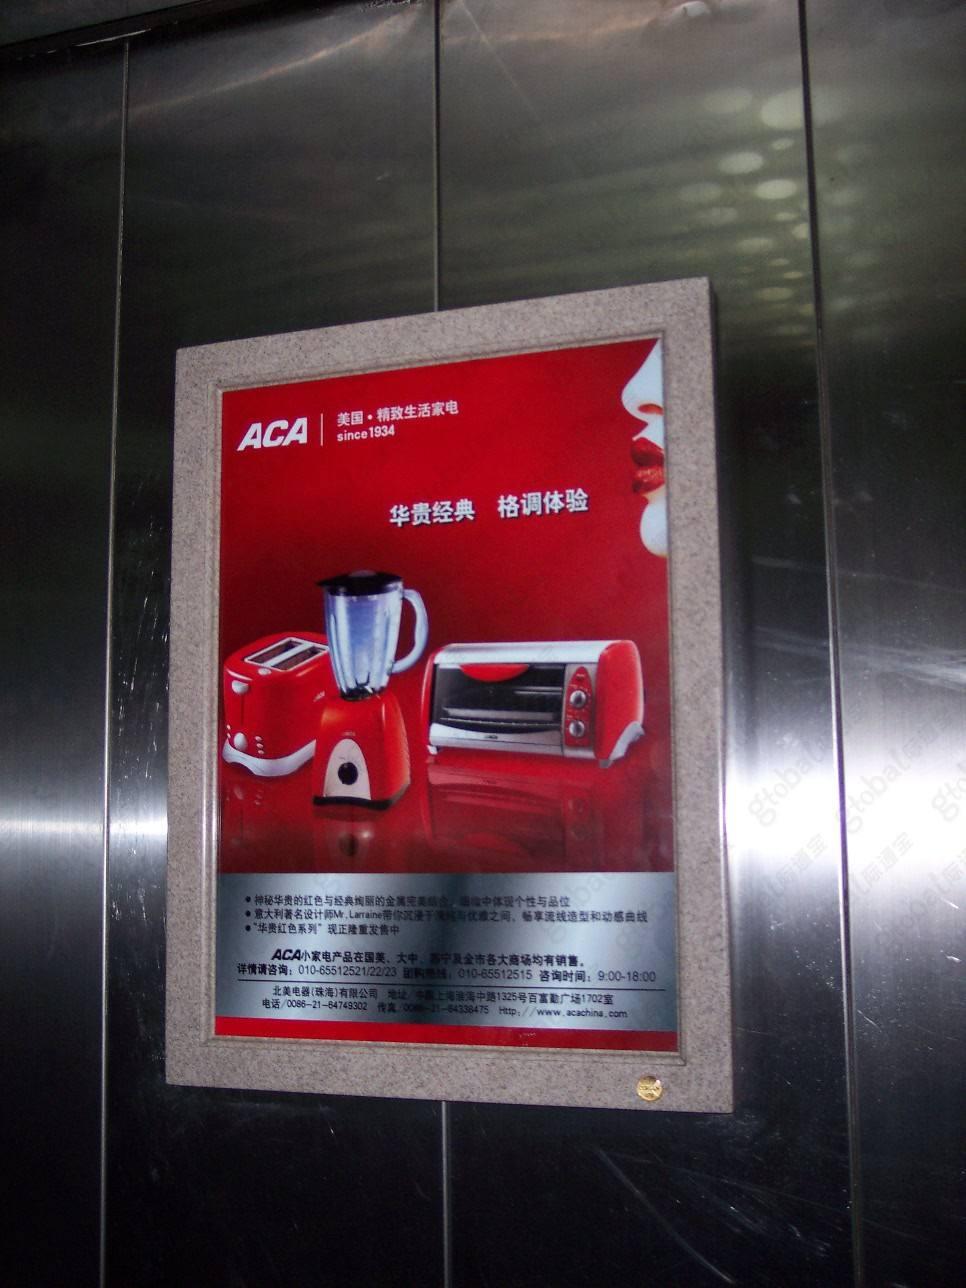 贵阳高端写字楼电梯广告-分众资源低至2折